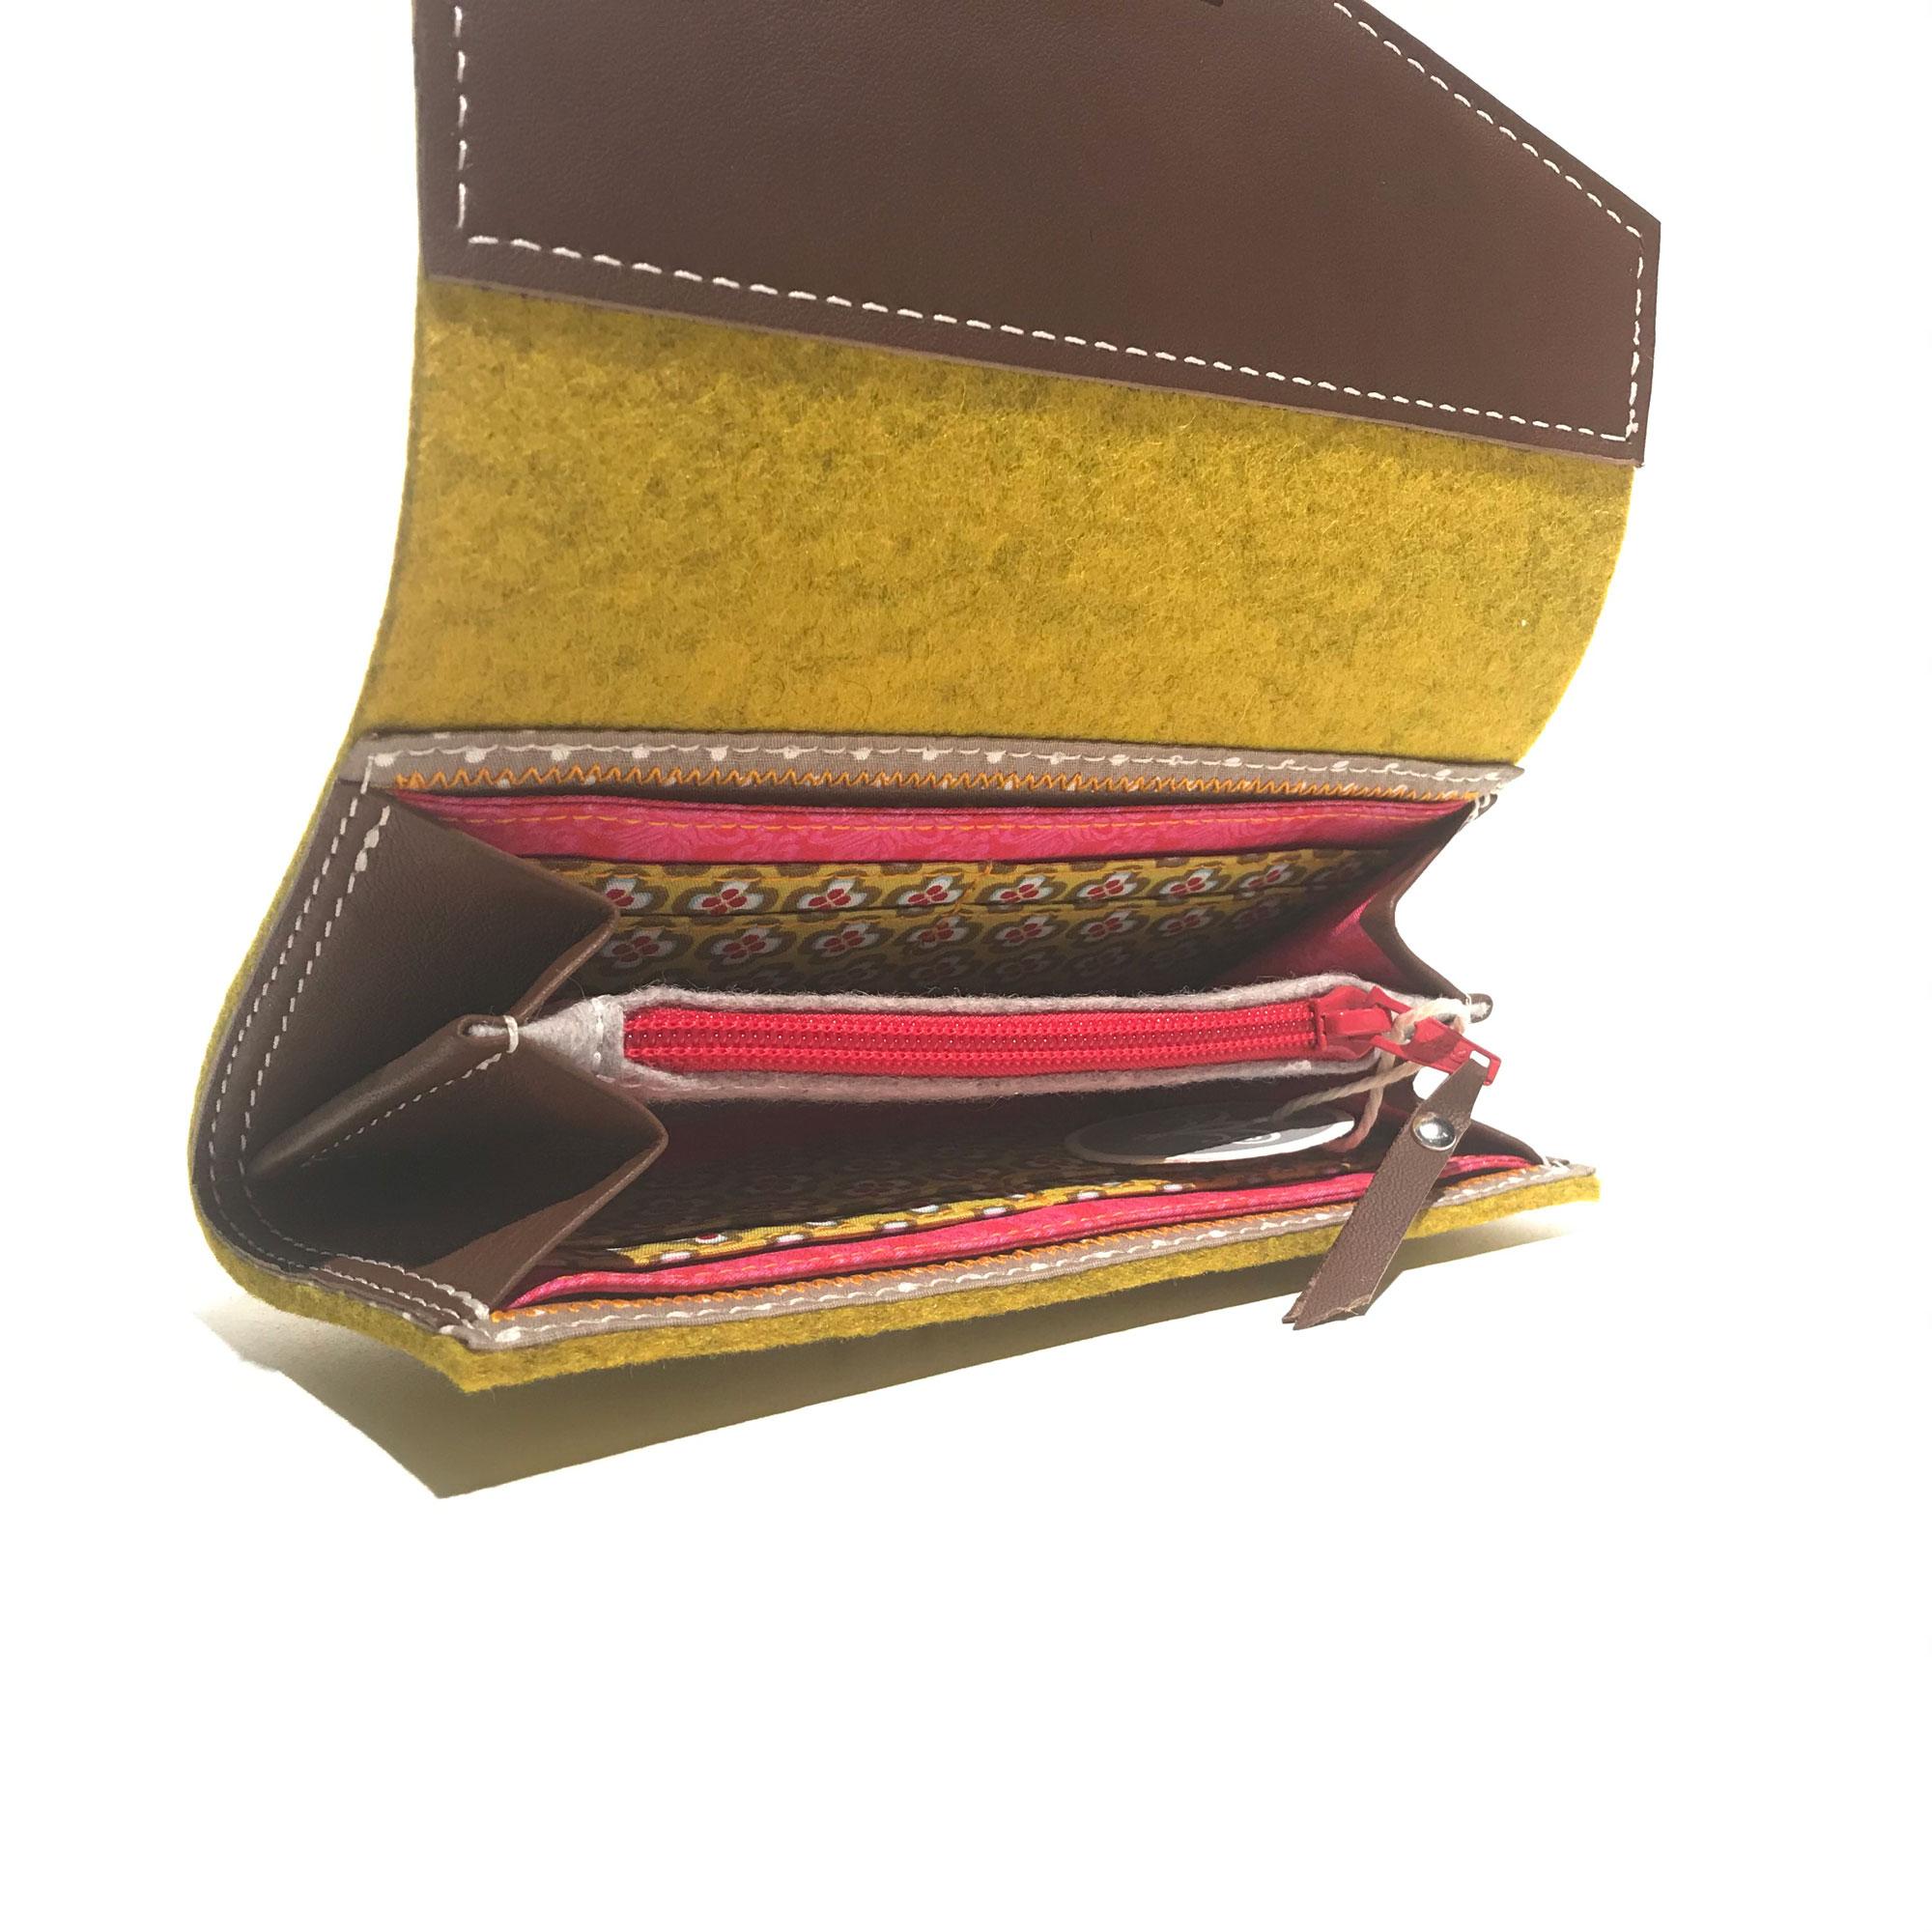 EMU X Geldbörse Frida mit Steckverschluss